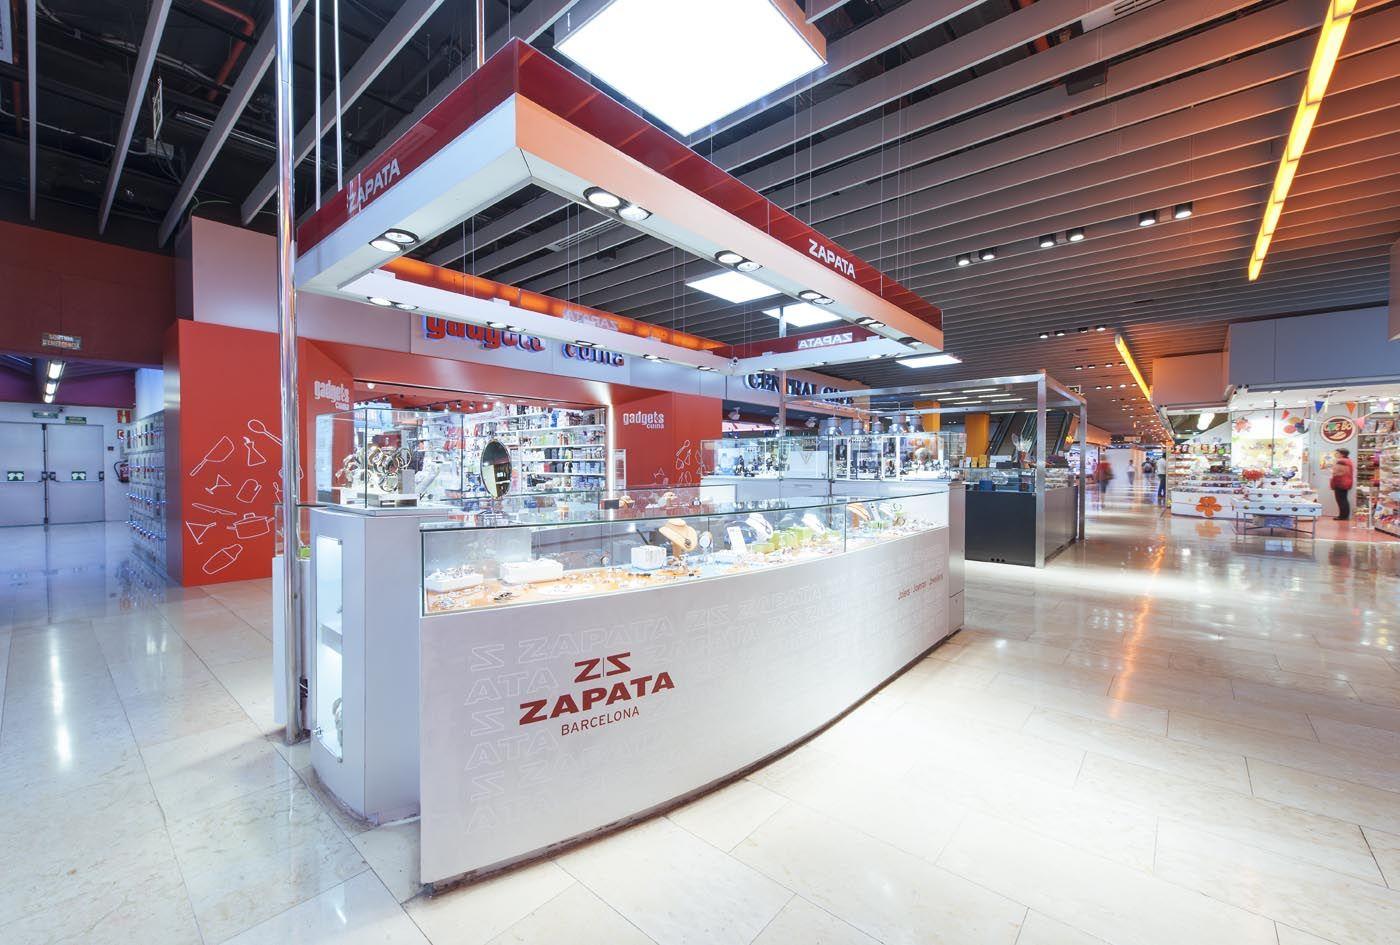 Si est is por el centro comercial de l 39 illa tambi n podr is gozar de nuestras joyas barcelona - Centre comercial illa ...